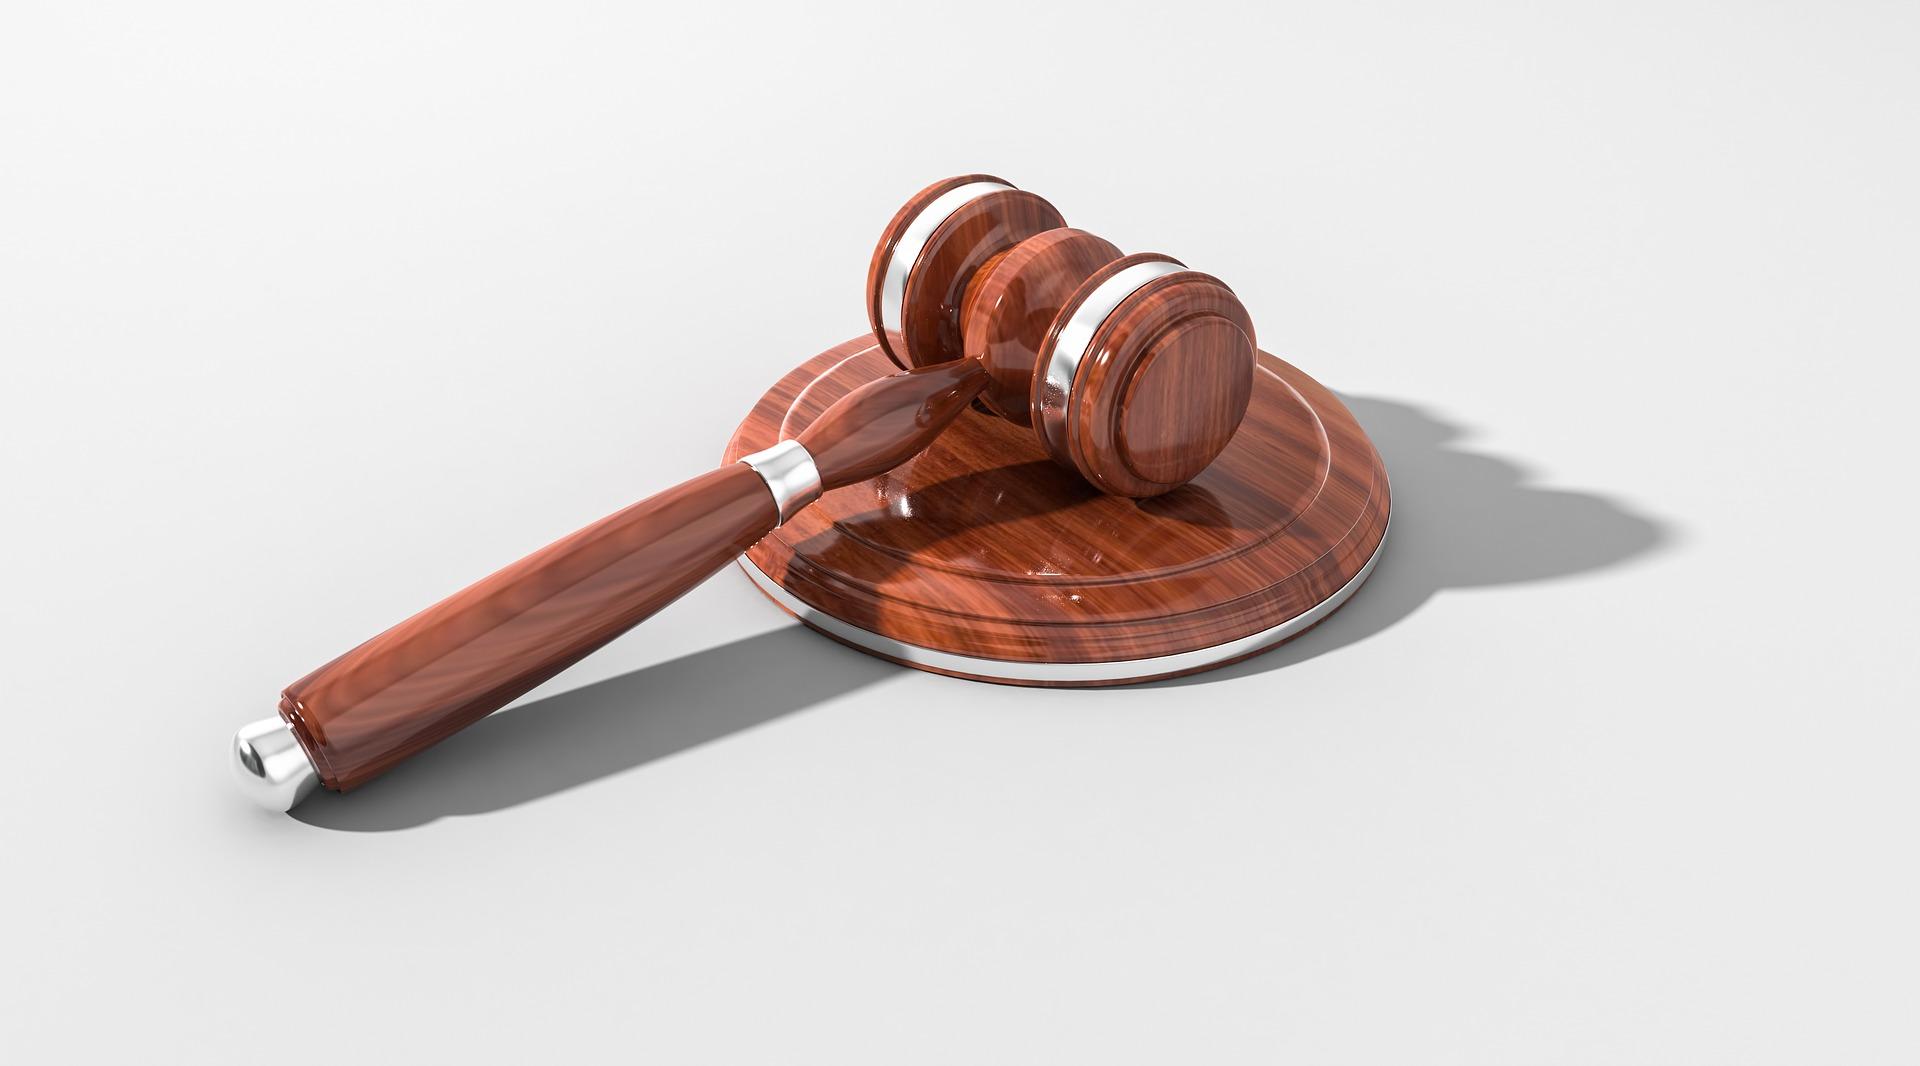 違憲審査制の学説の整理 憲法 | 司法試験-司法書士試験-行政書士試験と ...